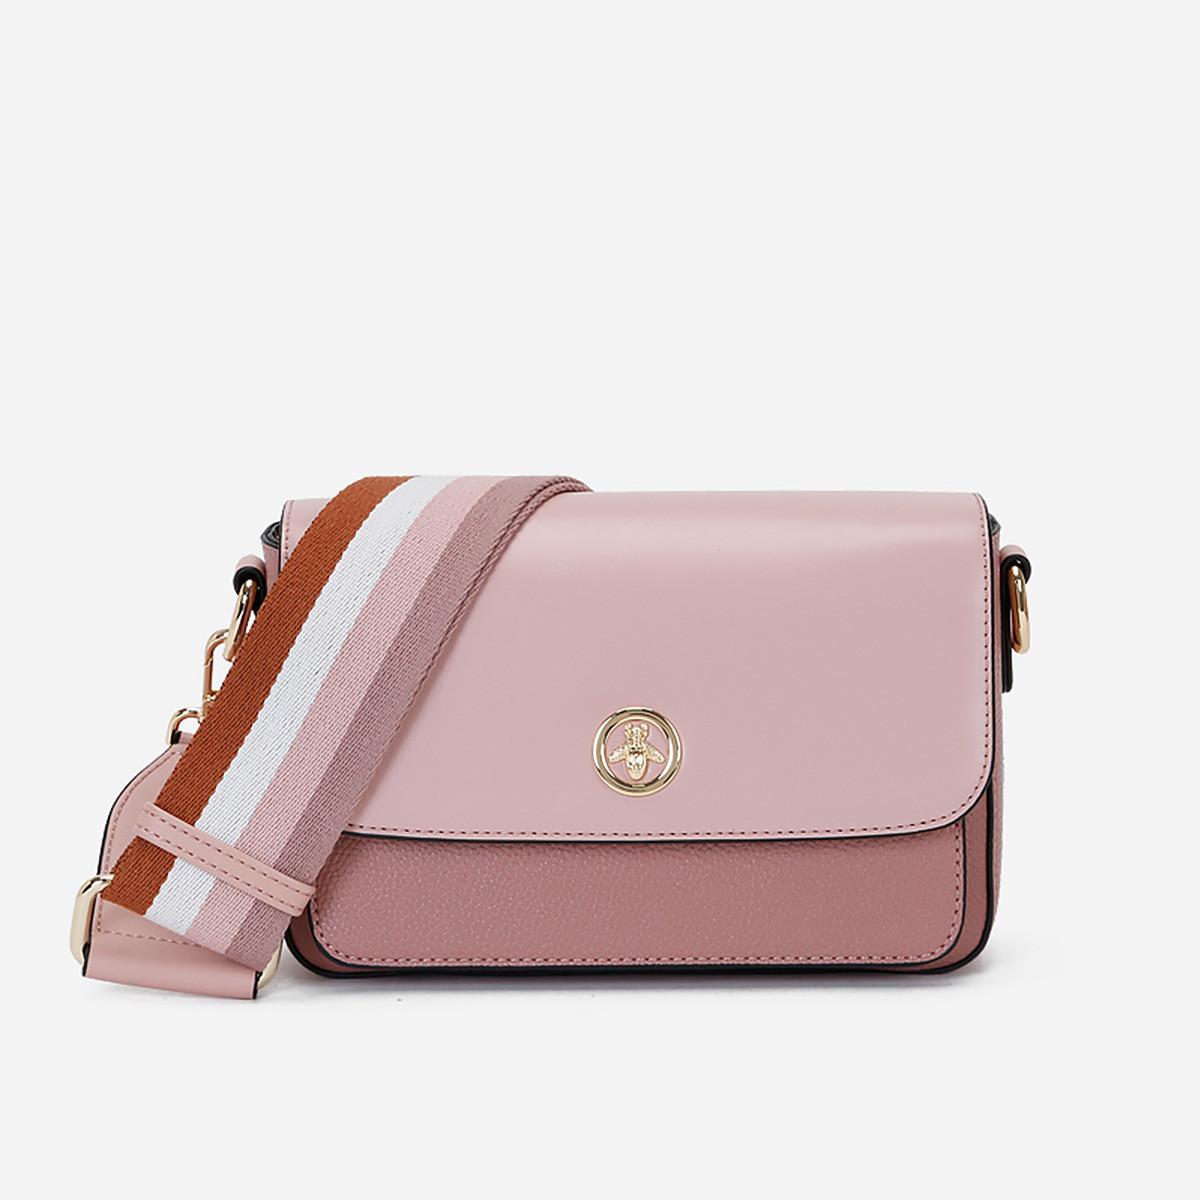 蒙娜丽莎 【专柜同款】2019新款包包时尚宽肩带单肩包斜挎包女包